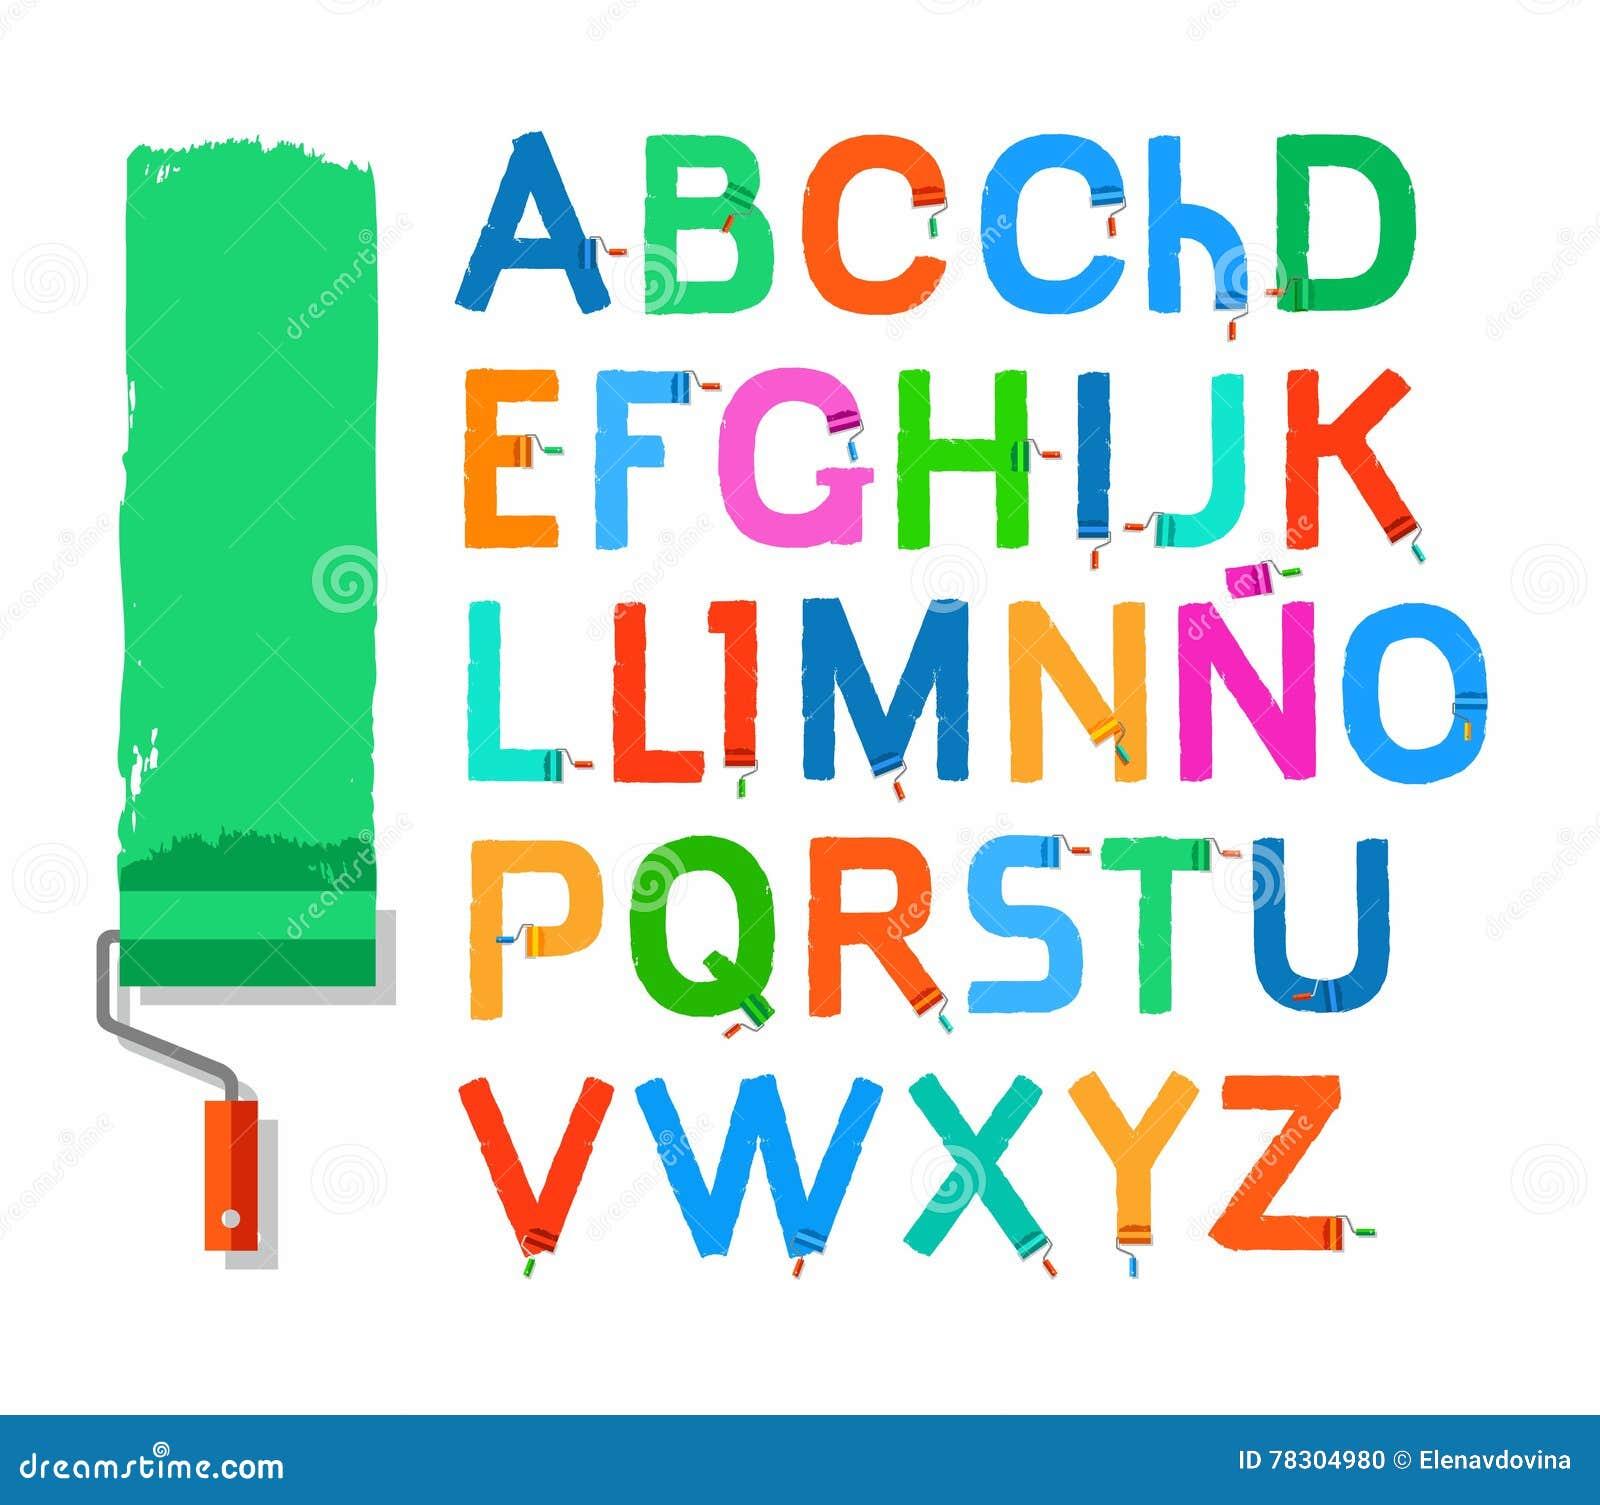 Abcdefghijklmnopqrstuvwxyz Alphabet Letters